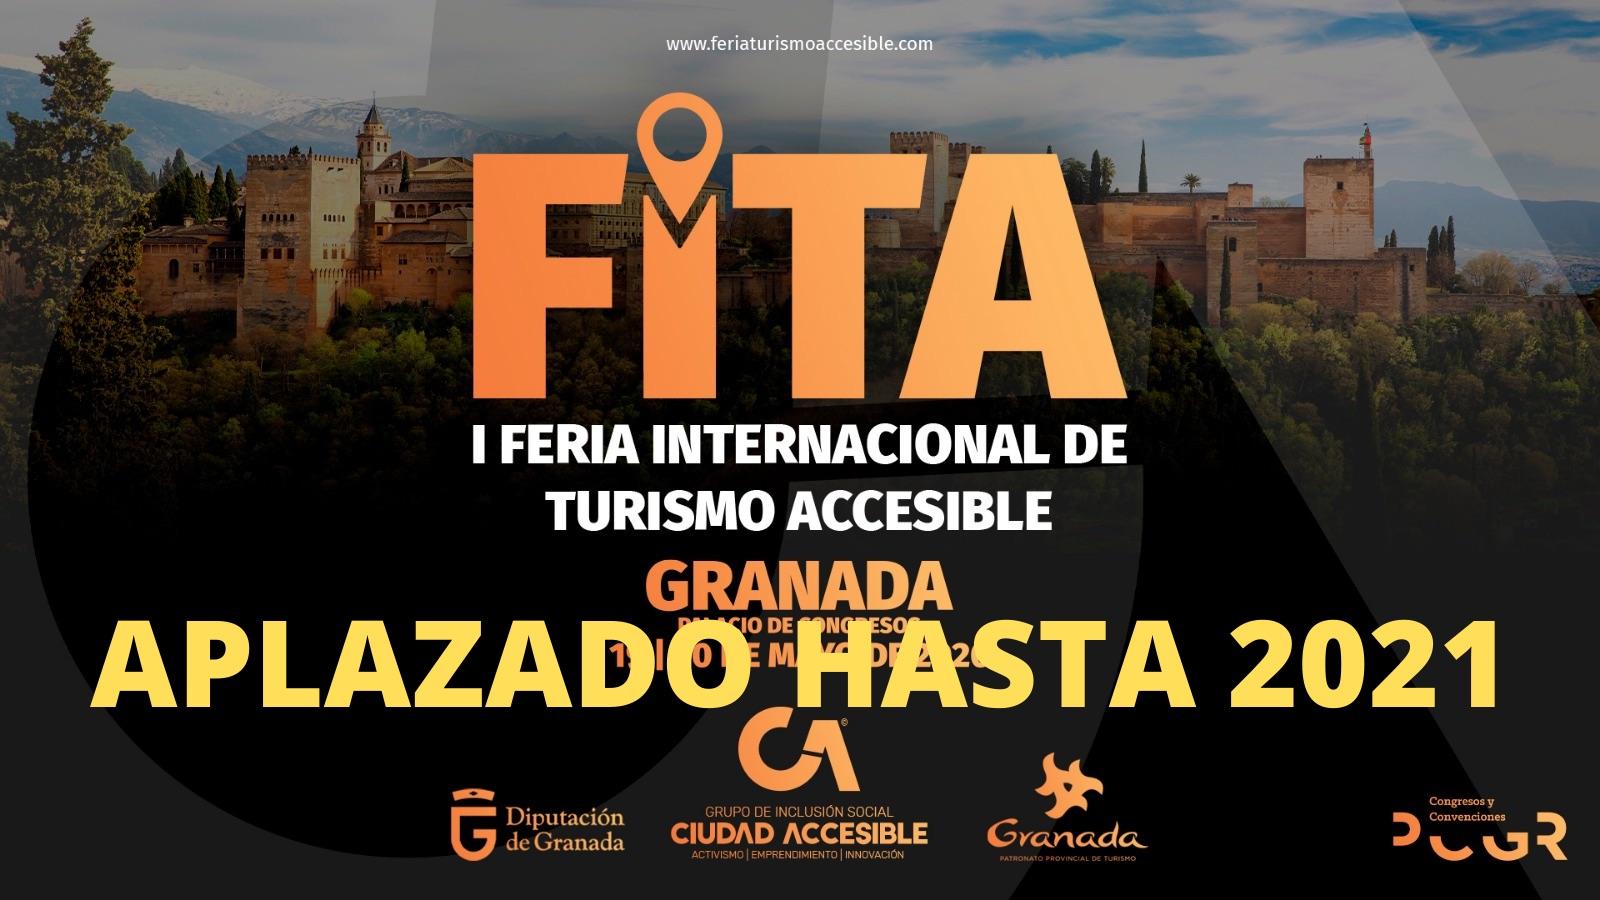 Aplazada por la COVID-19 la primera 'Feria Internacional de Turismo Accesible' a finales de 2021